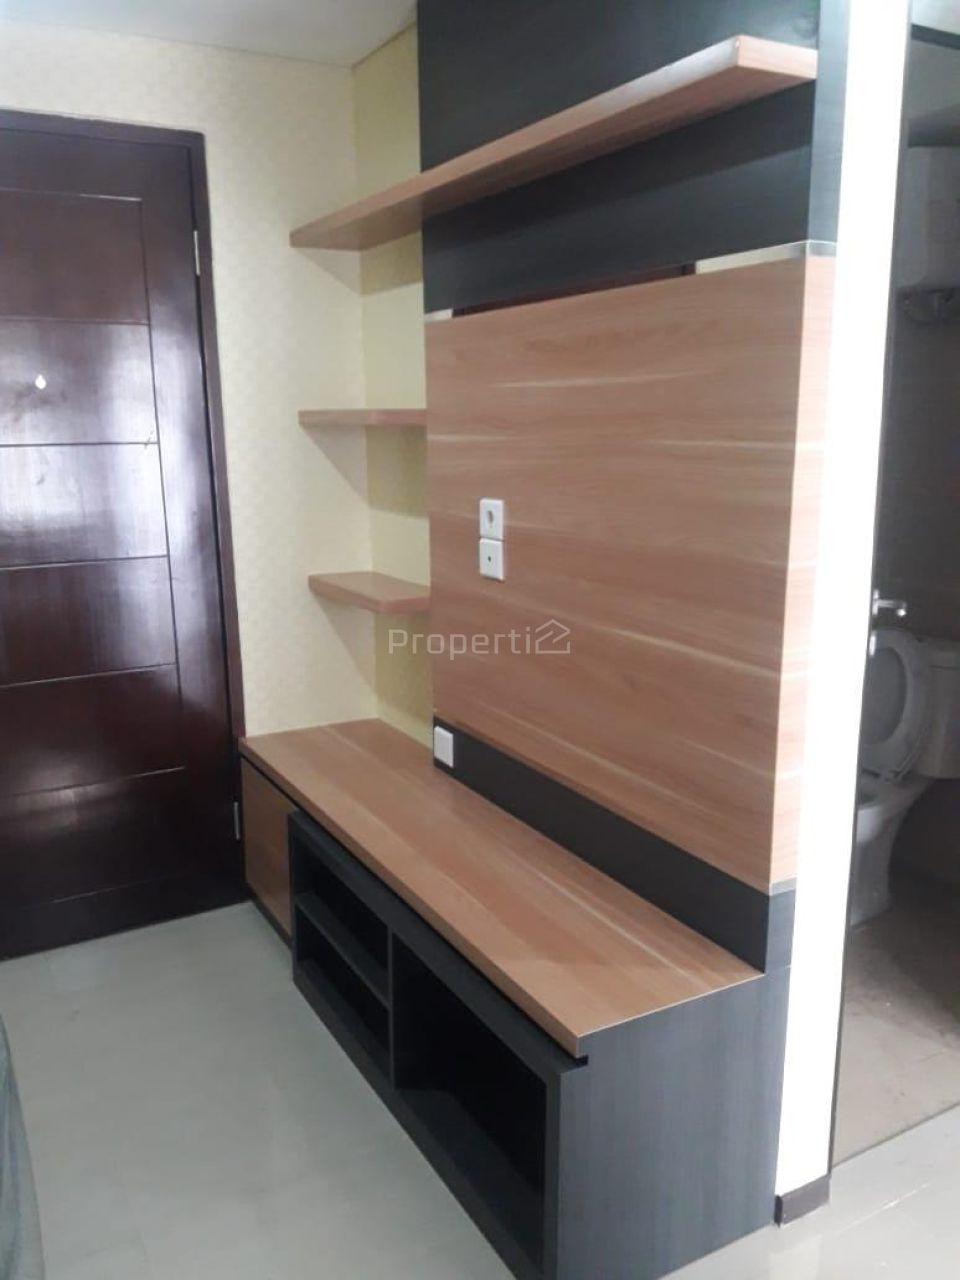 Unit 1 Br Lantai 10 Tower Topaz di Apartemen Gateway Pasteur, Cicendo